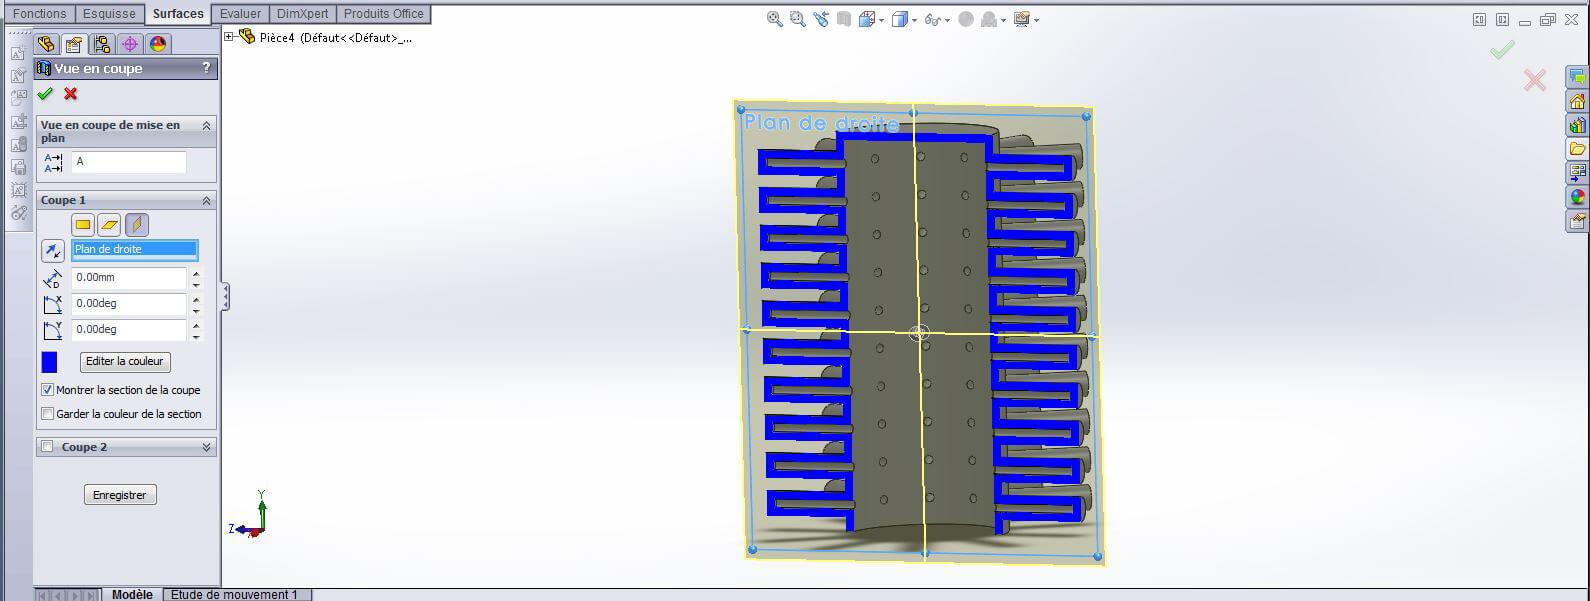 Solidworks 3d modeling tutorial for 3d printing solidworks solidworks baditri Images